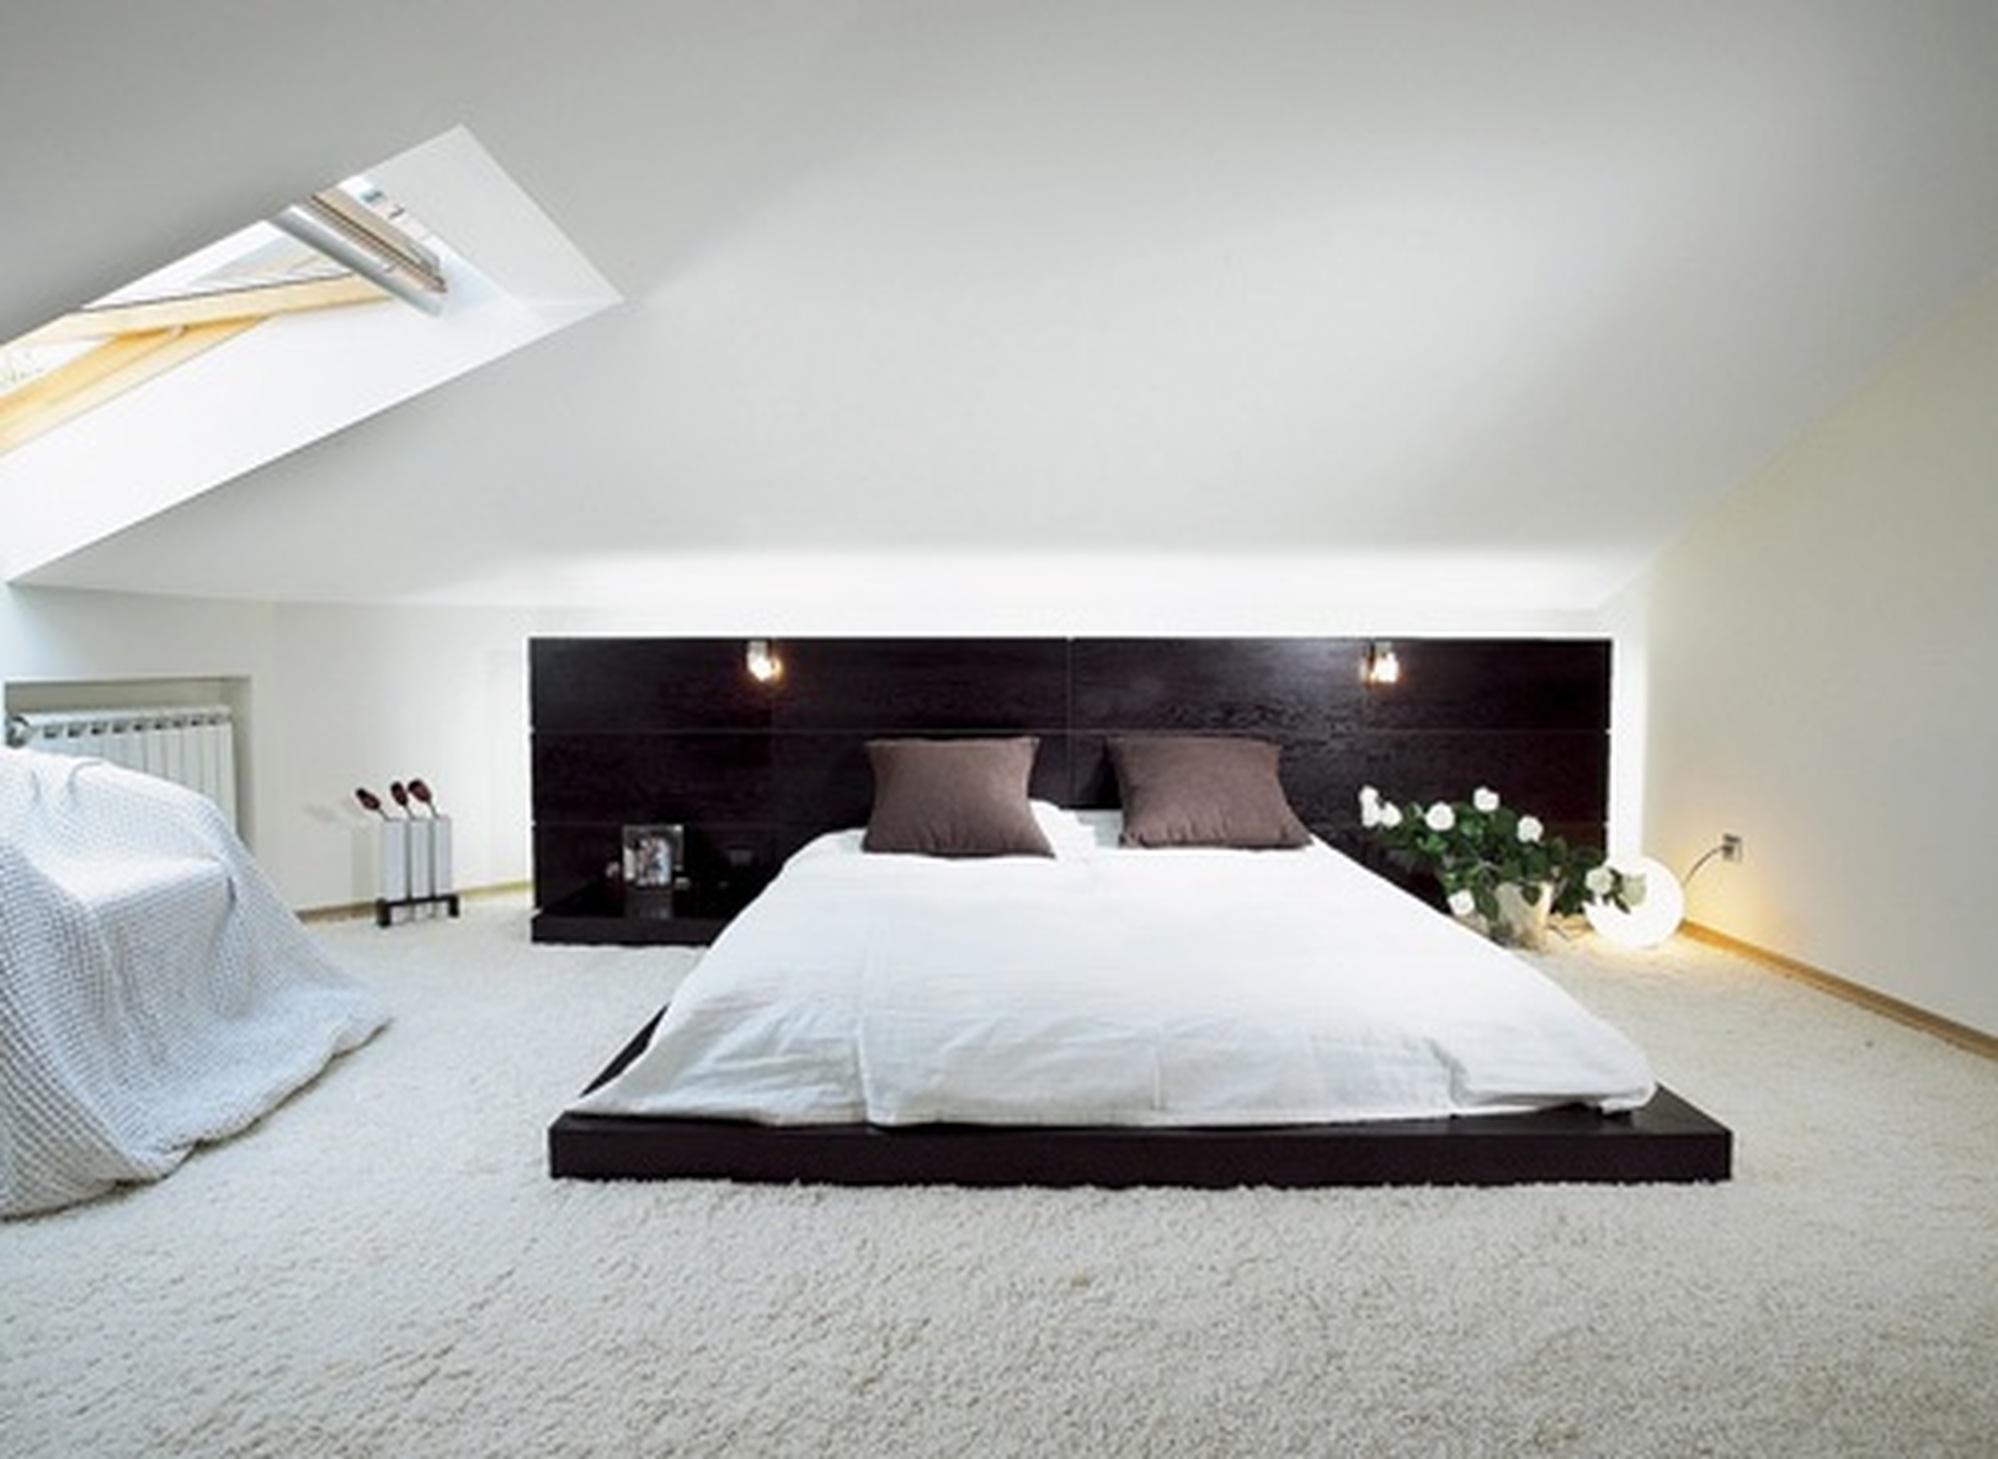 Шикарная спальня в стиле минимализм - пример удачного оформления небольшого помещения на мансардном этаже.